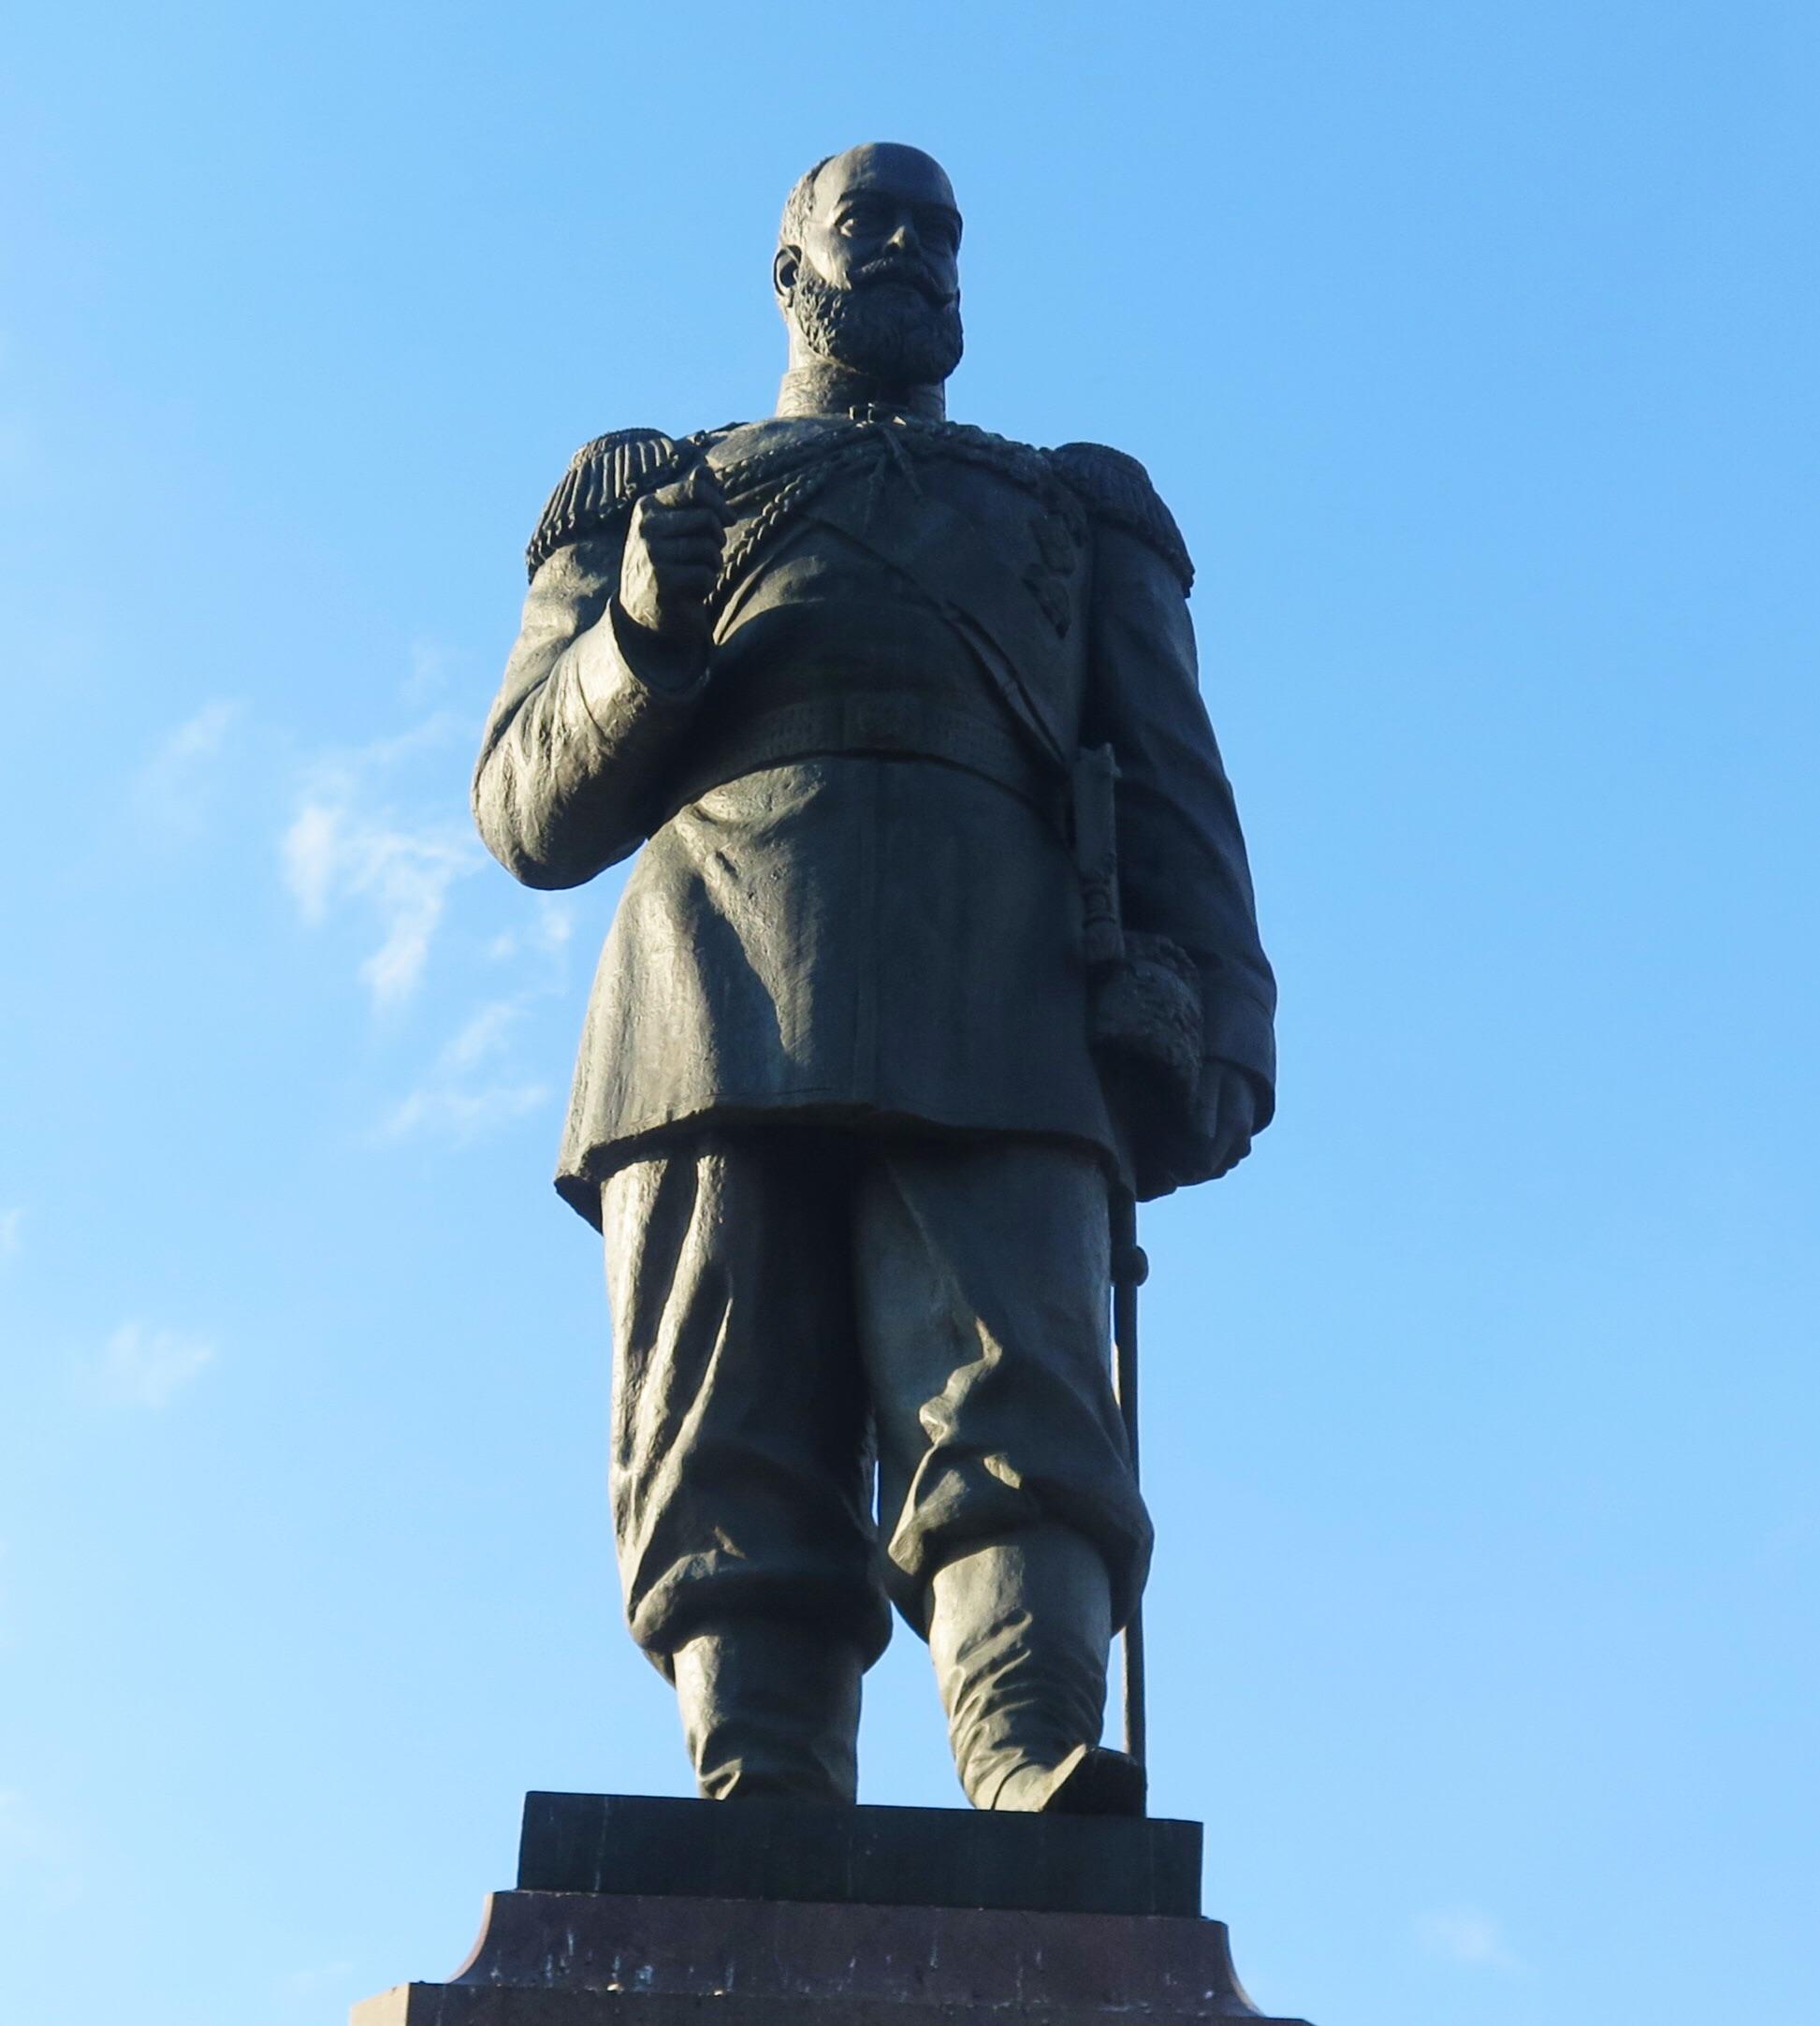 A close up of Tsar Alexander III.